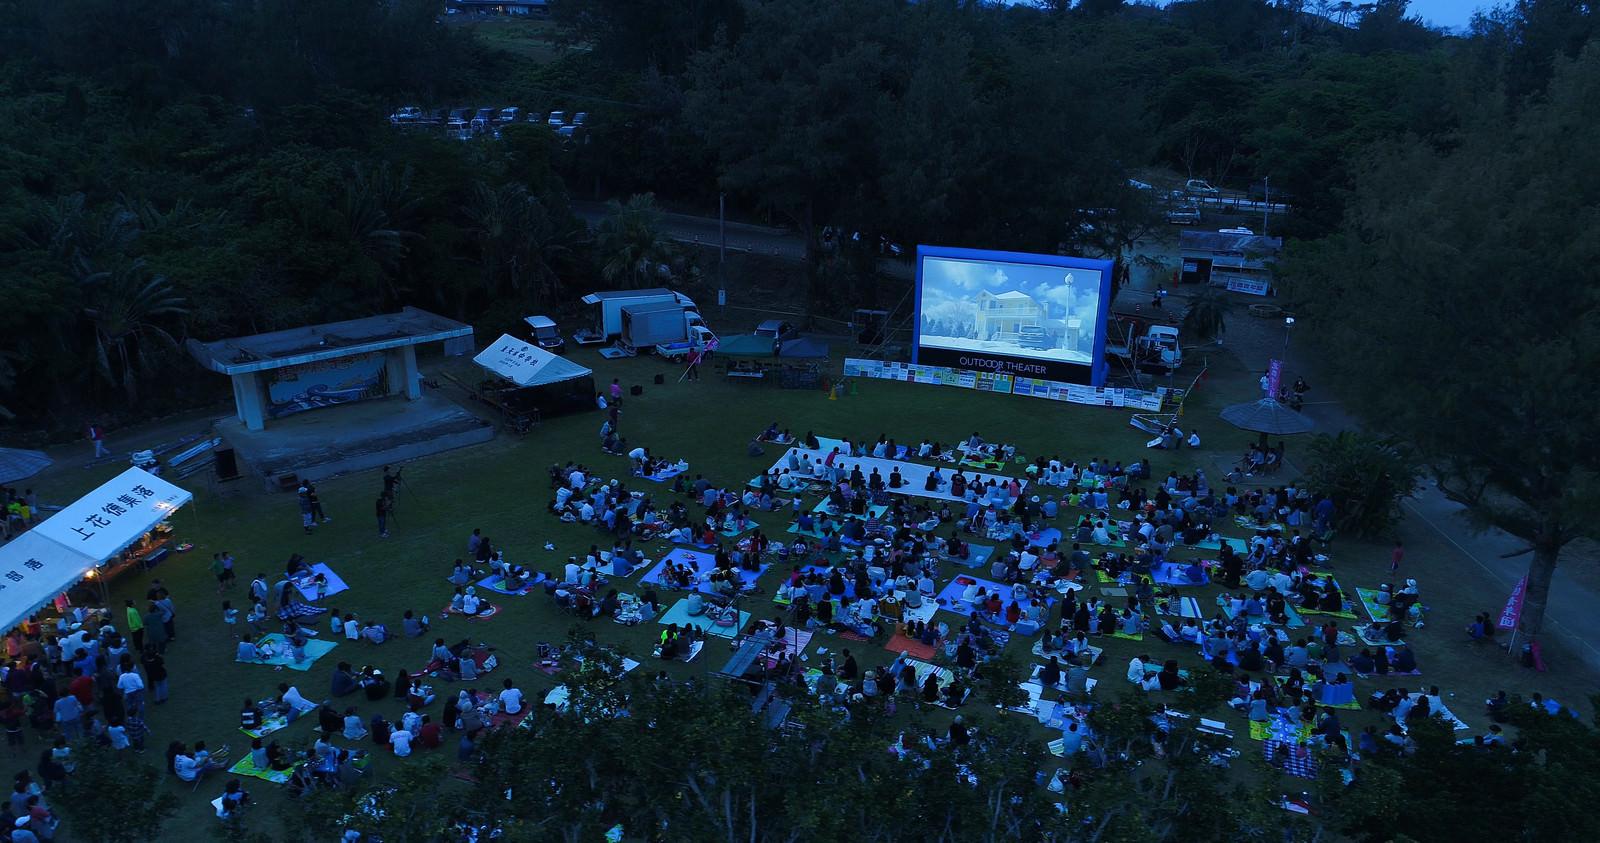 「徳之島で開催された野外シネマのイベント(空撮)」の写真